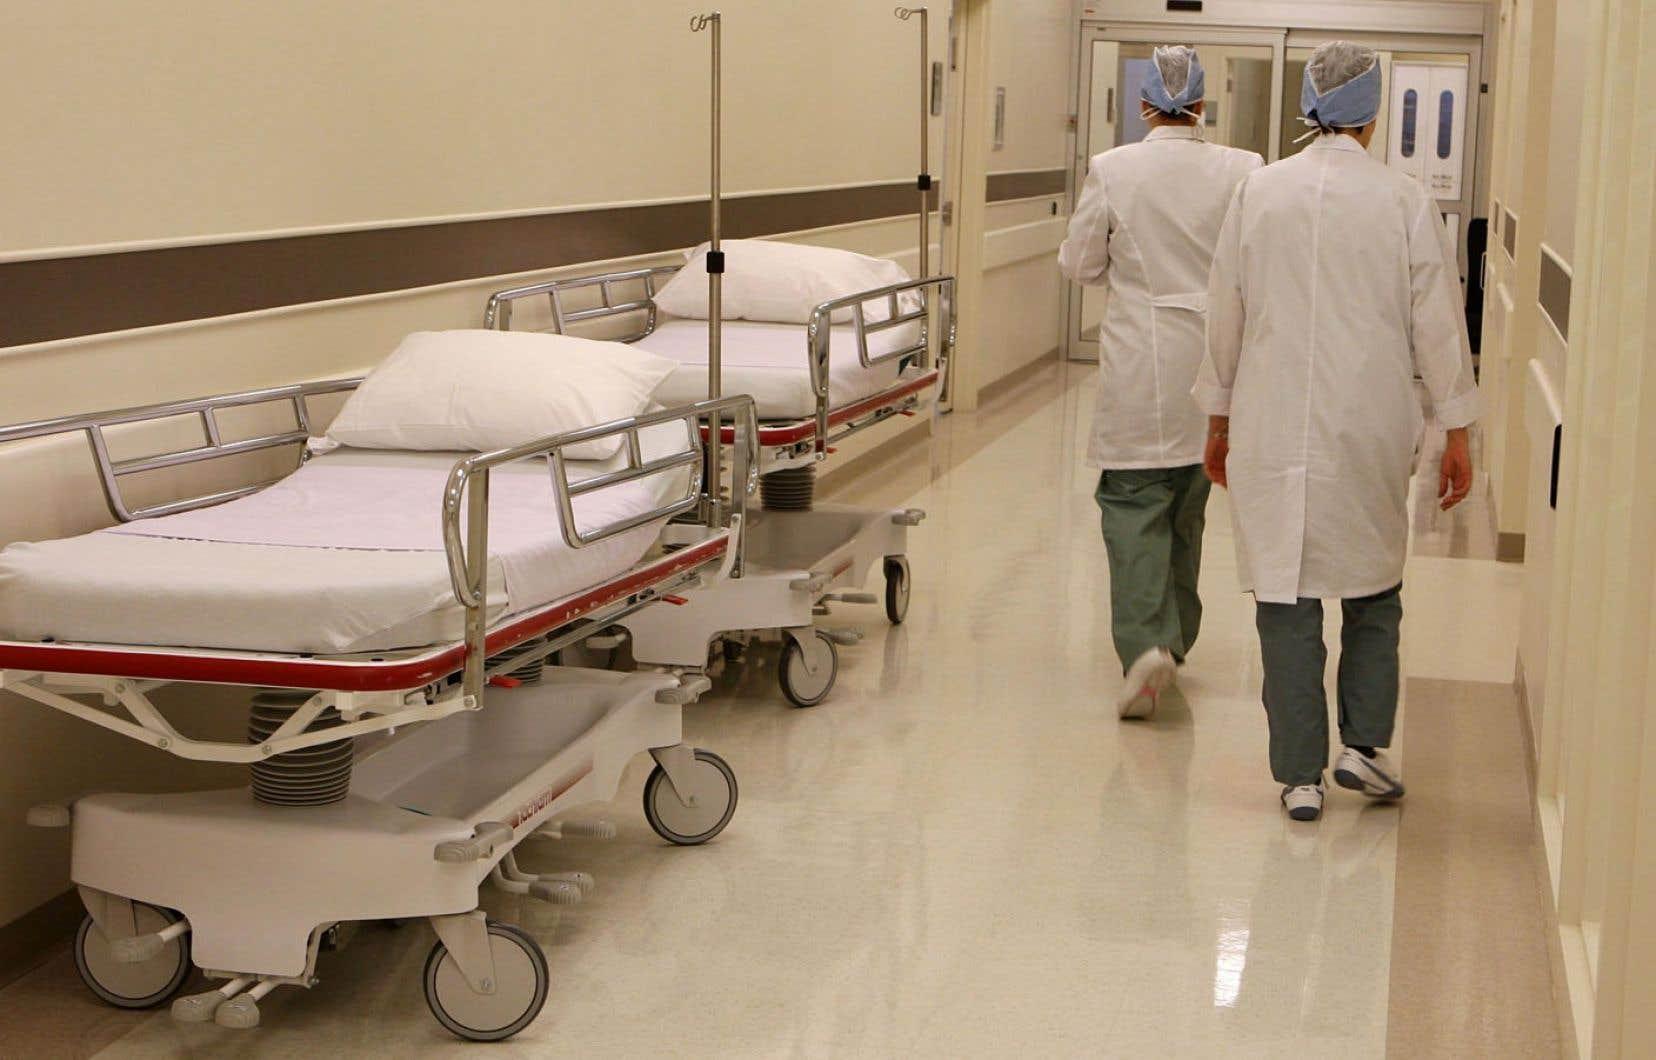 Des médecins veulent agir contre la prolifération de frais accessoires jugés abusifs dans le système de santé québécois.